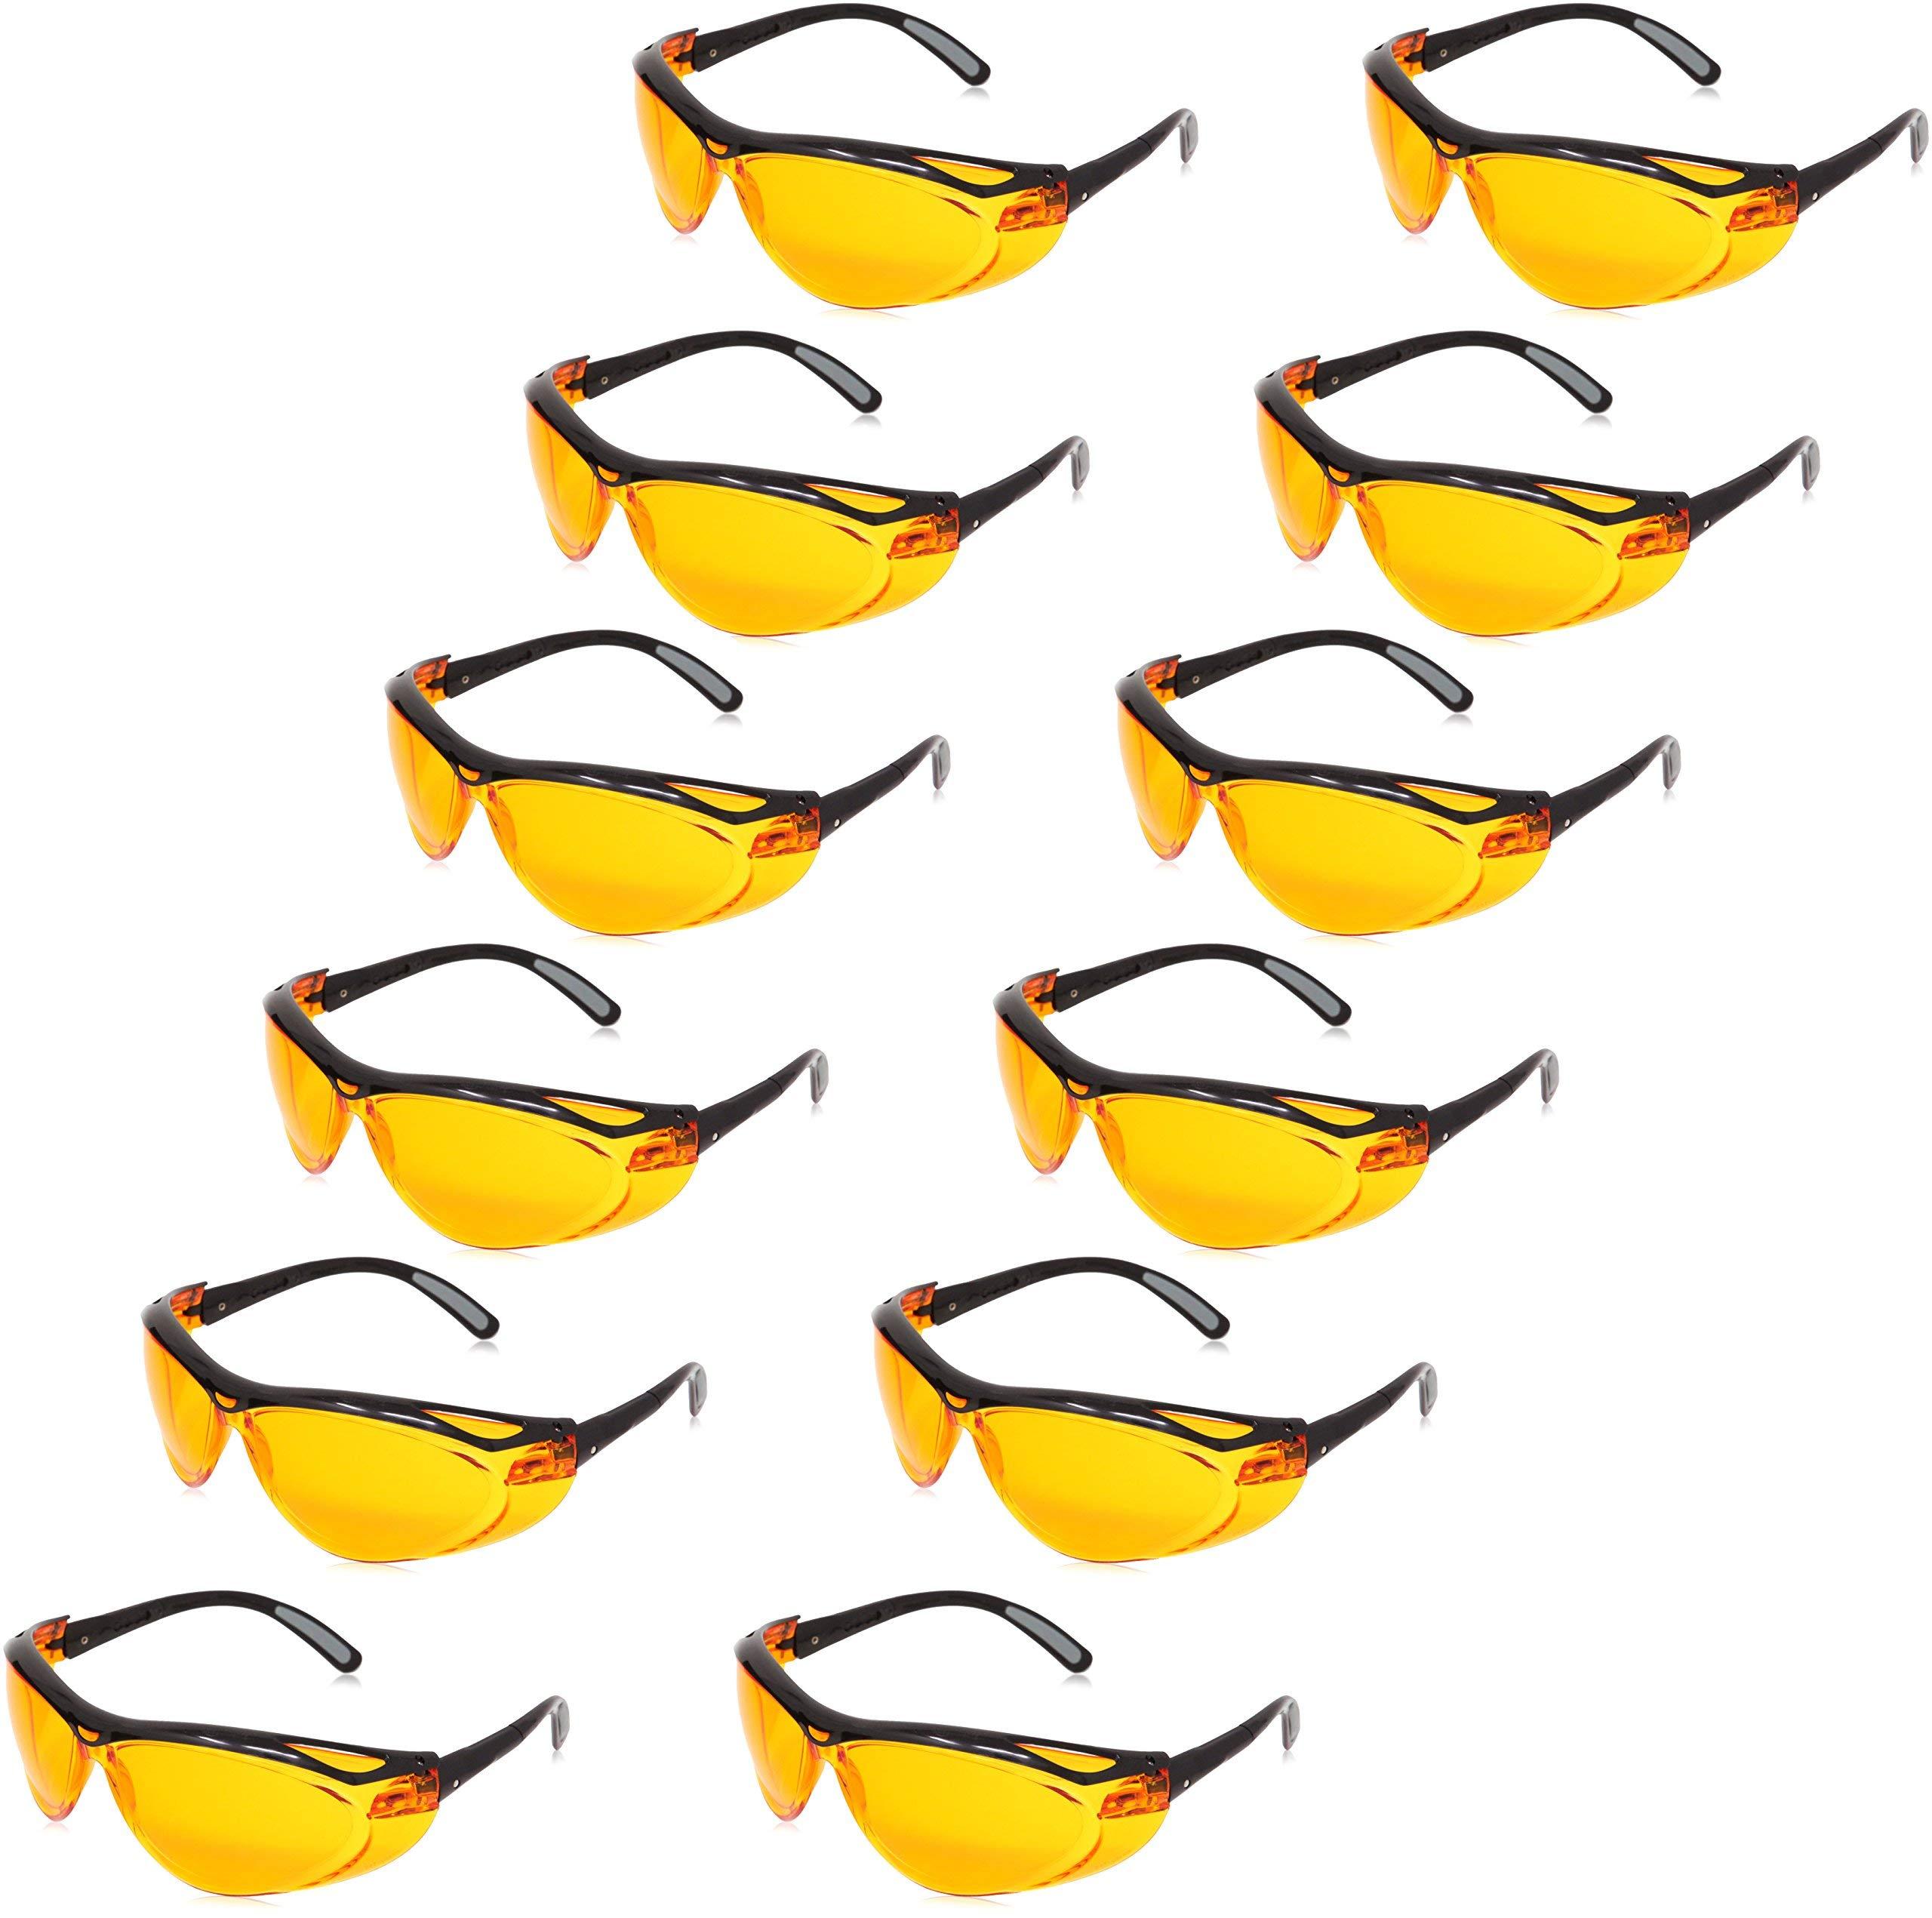 AmazonBasics Blue Light Blocking Safety Glasses, Anti-Fog, Orange Lens, 12-Count by AmazonBasics (Image #1)